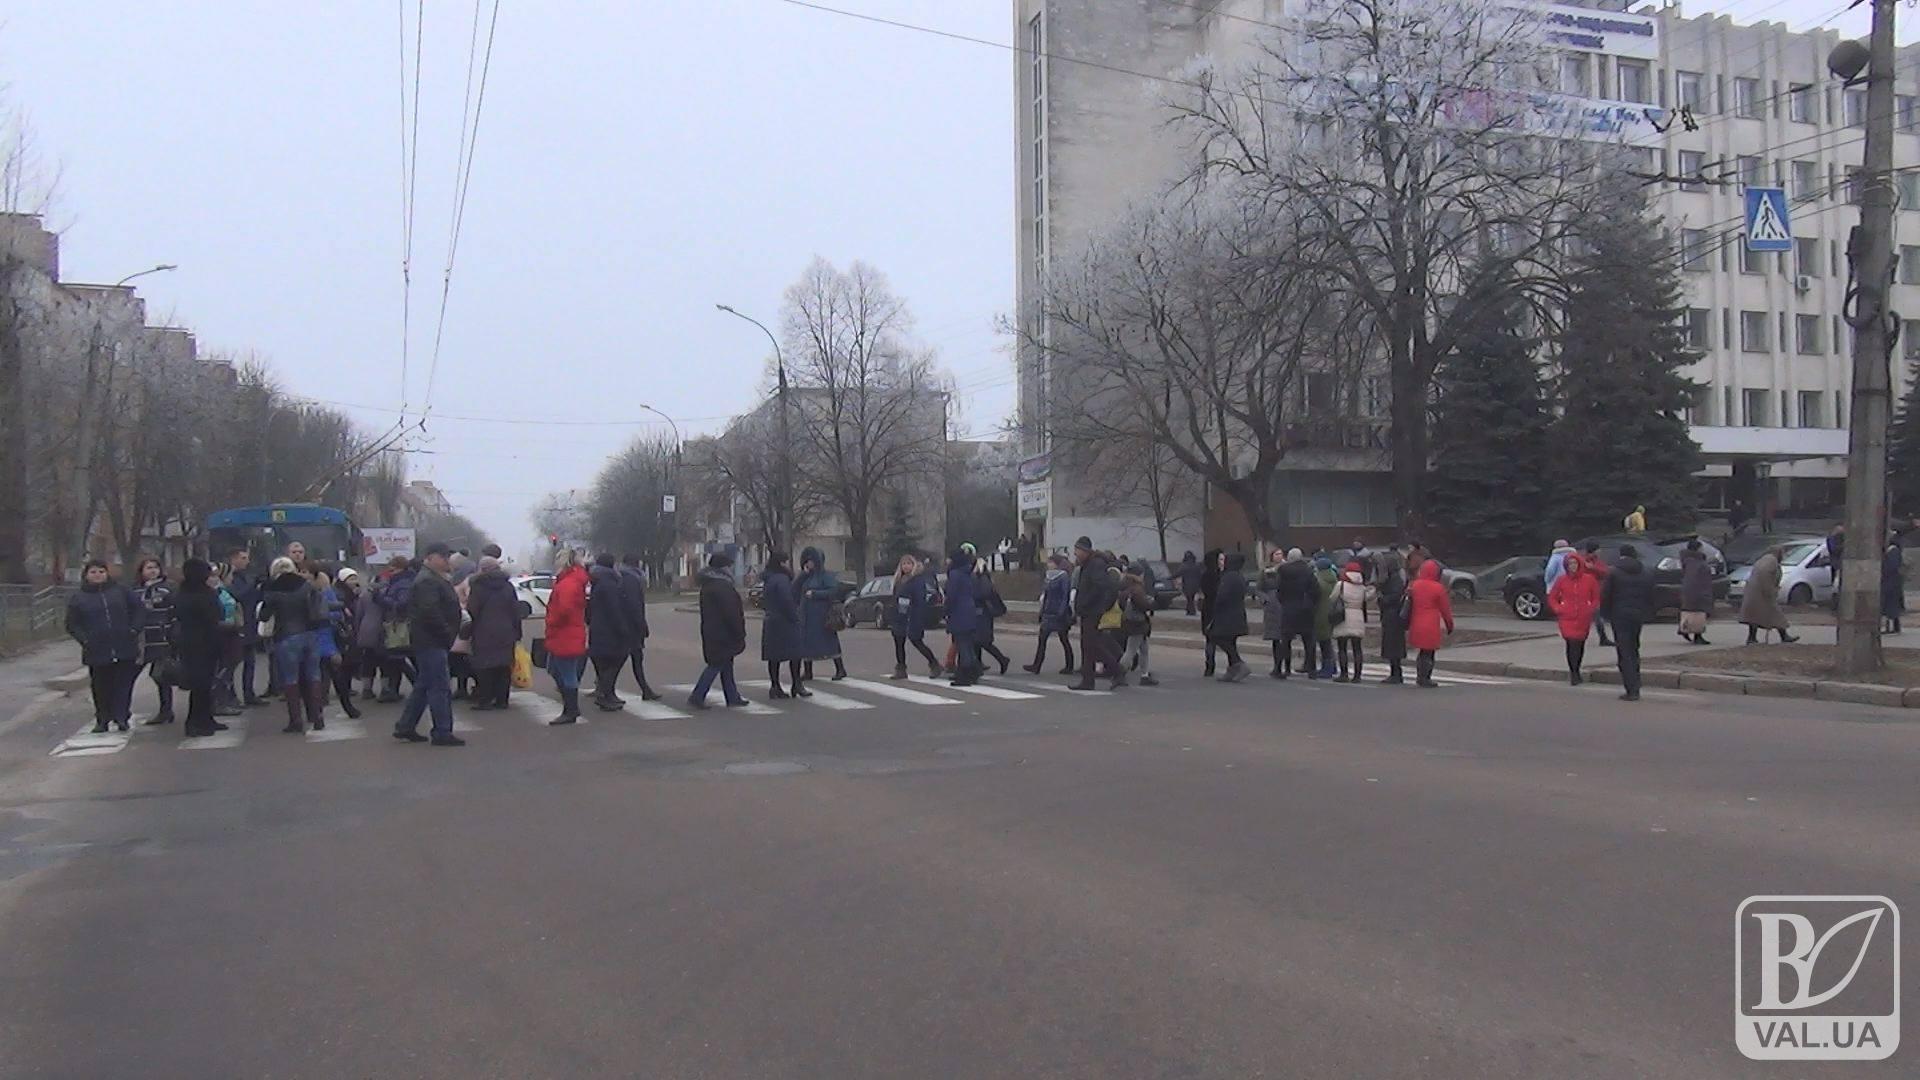 Чернігівці проти закриття школи № 10: батьки учнів не вірять в аварійність будівлі. ВІДЕО